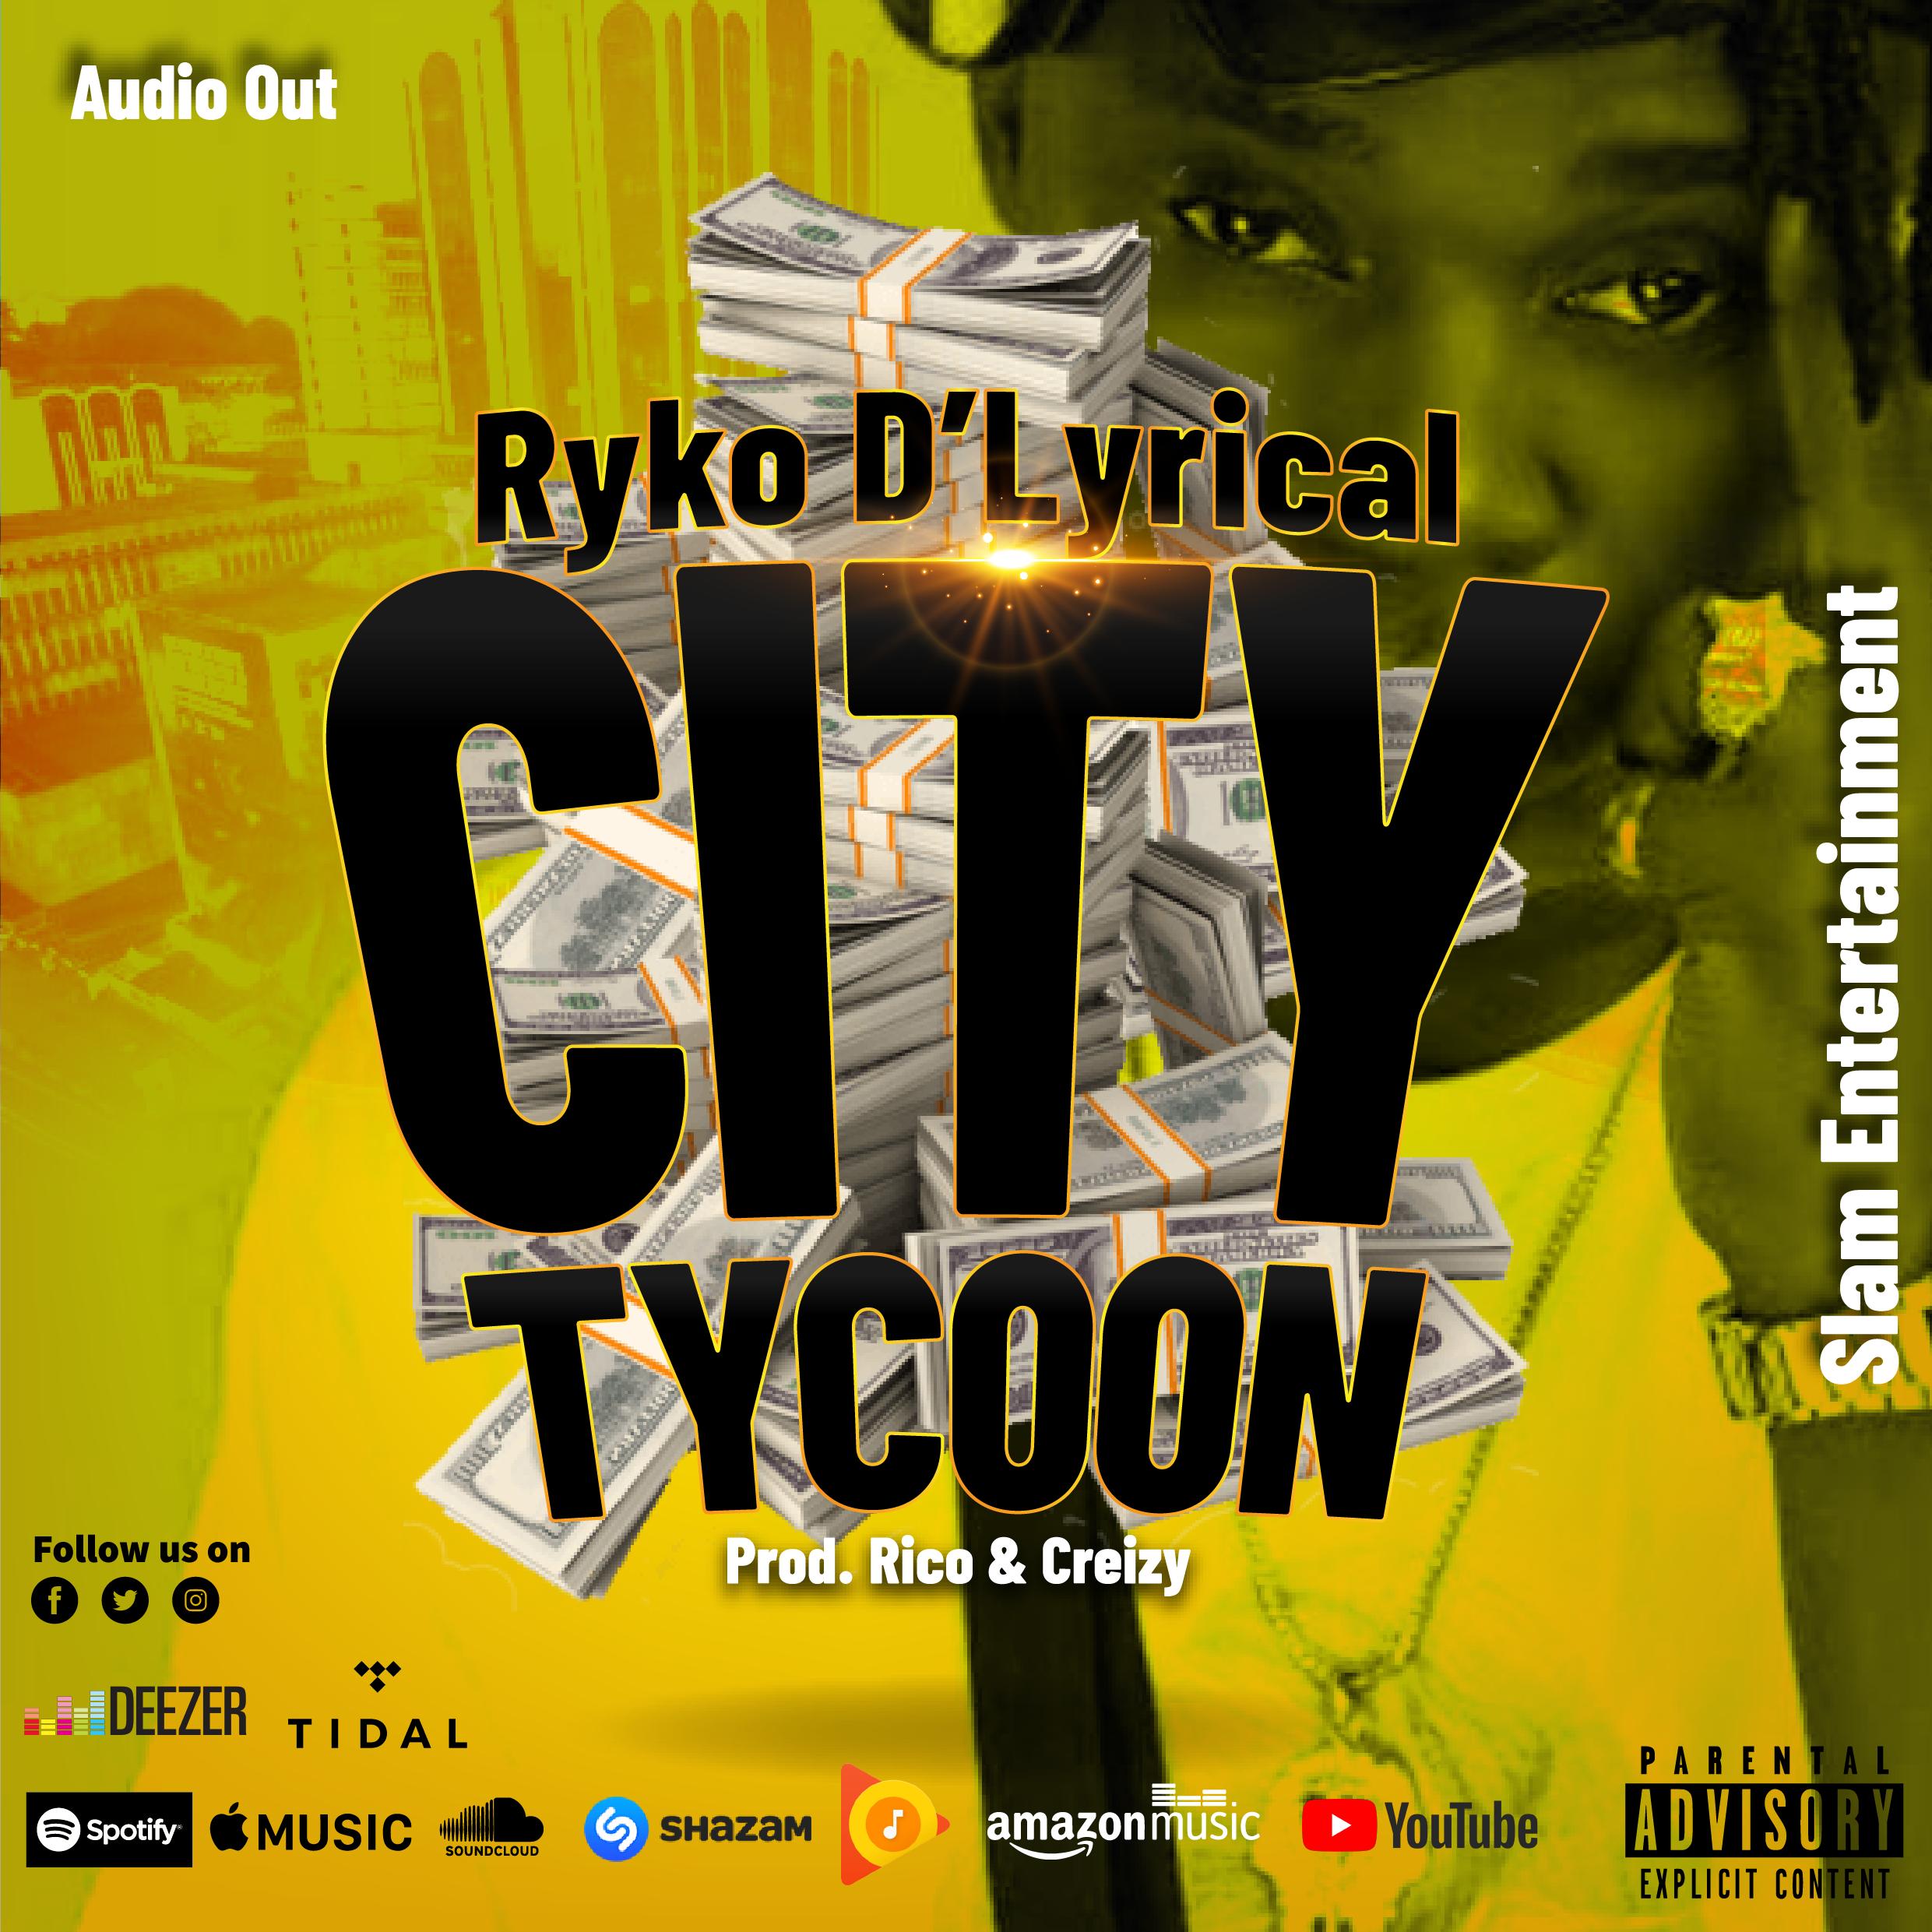 City Tycoon - Ryko Dlyrical